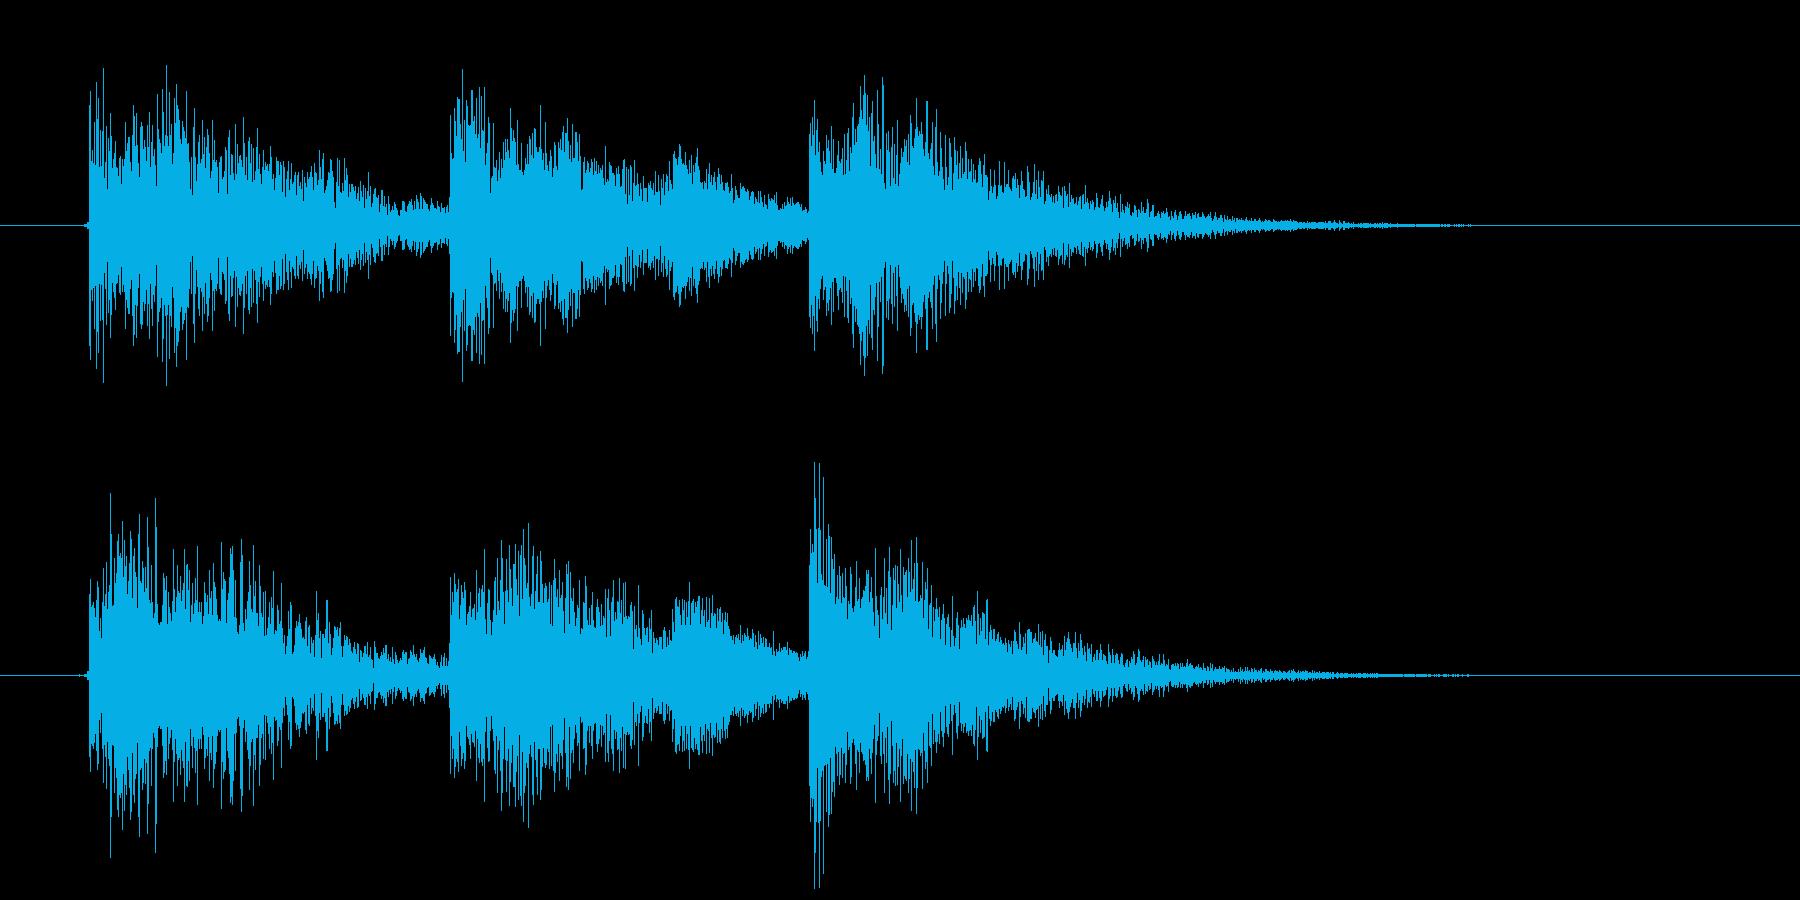 幻想的で軽快なシンセジングルの再生済みの波形